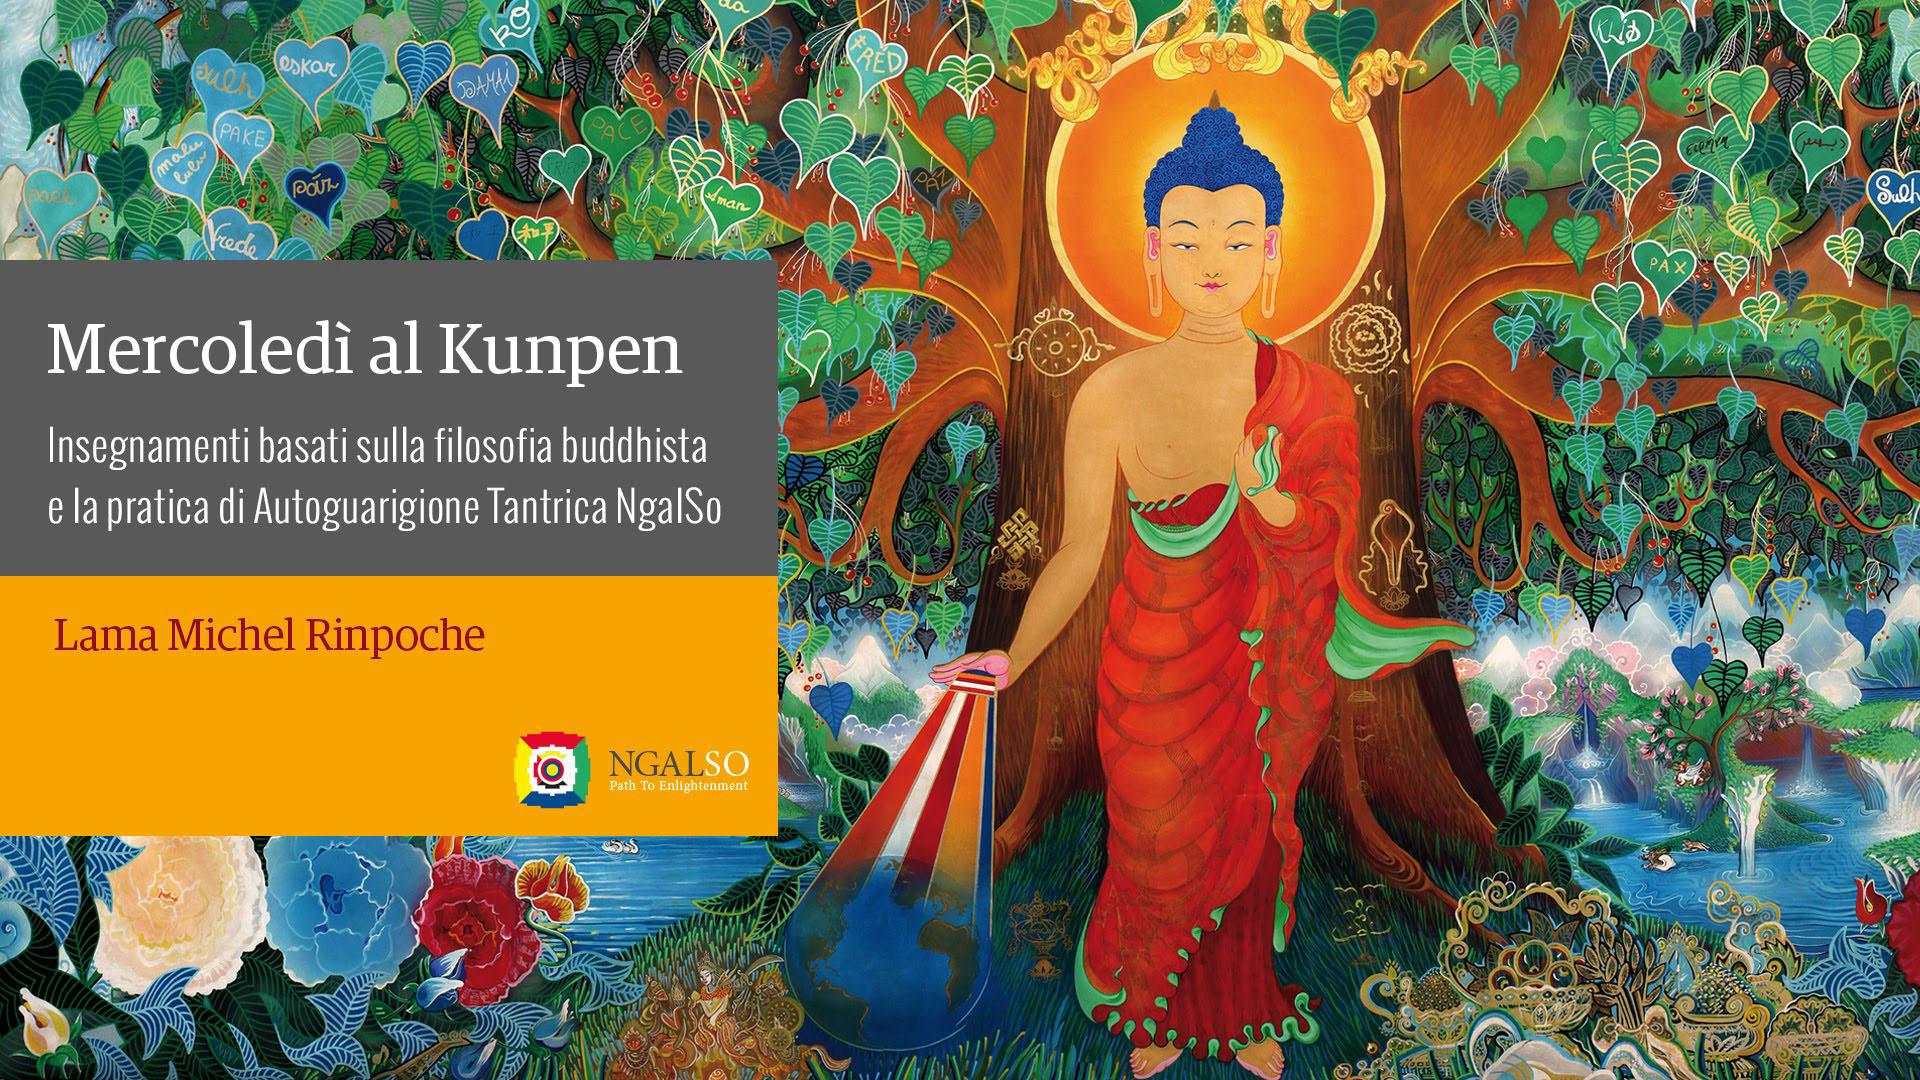 Mercoledì al Kunpen con Lama Michel Rinpoche (italiano) – 2014 / 2016